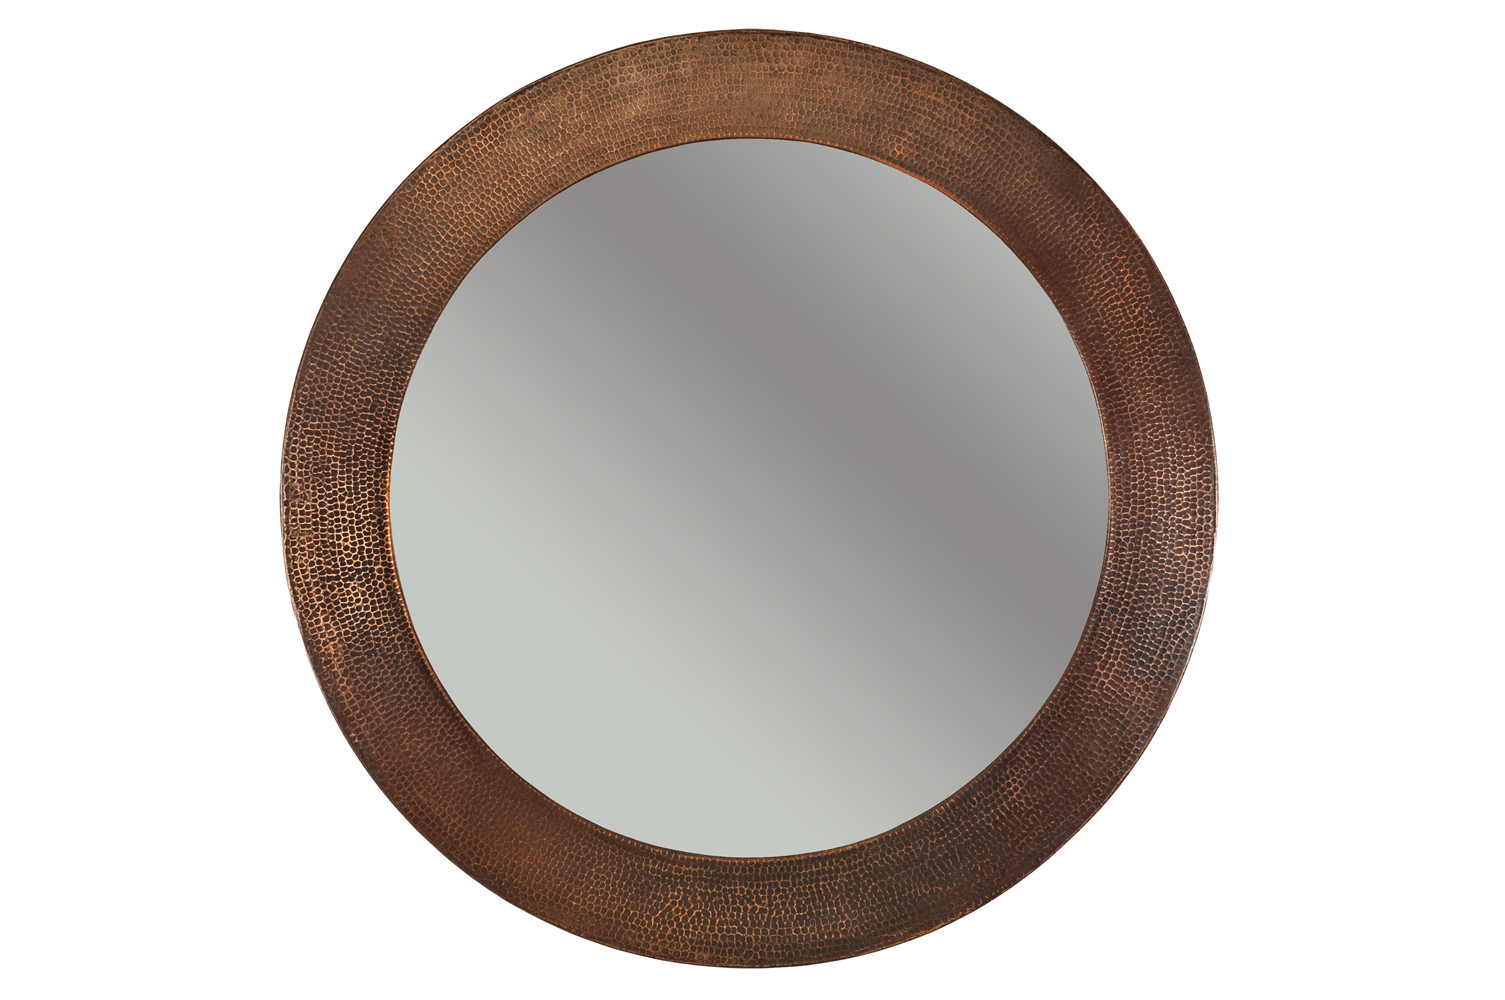 Premier Copper MFR3434 34 Inch Oil Rubbed Bronze Round Copper Mirror